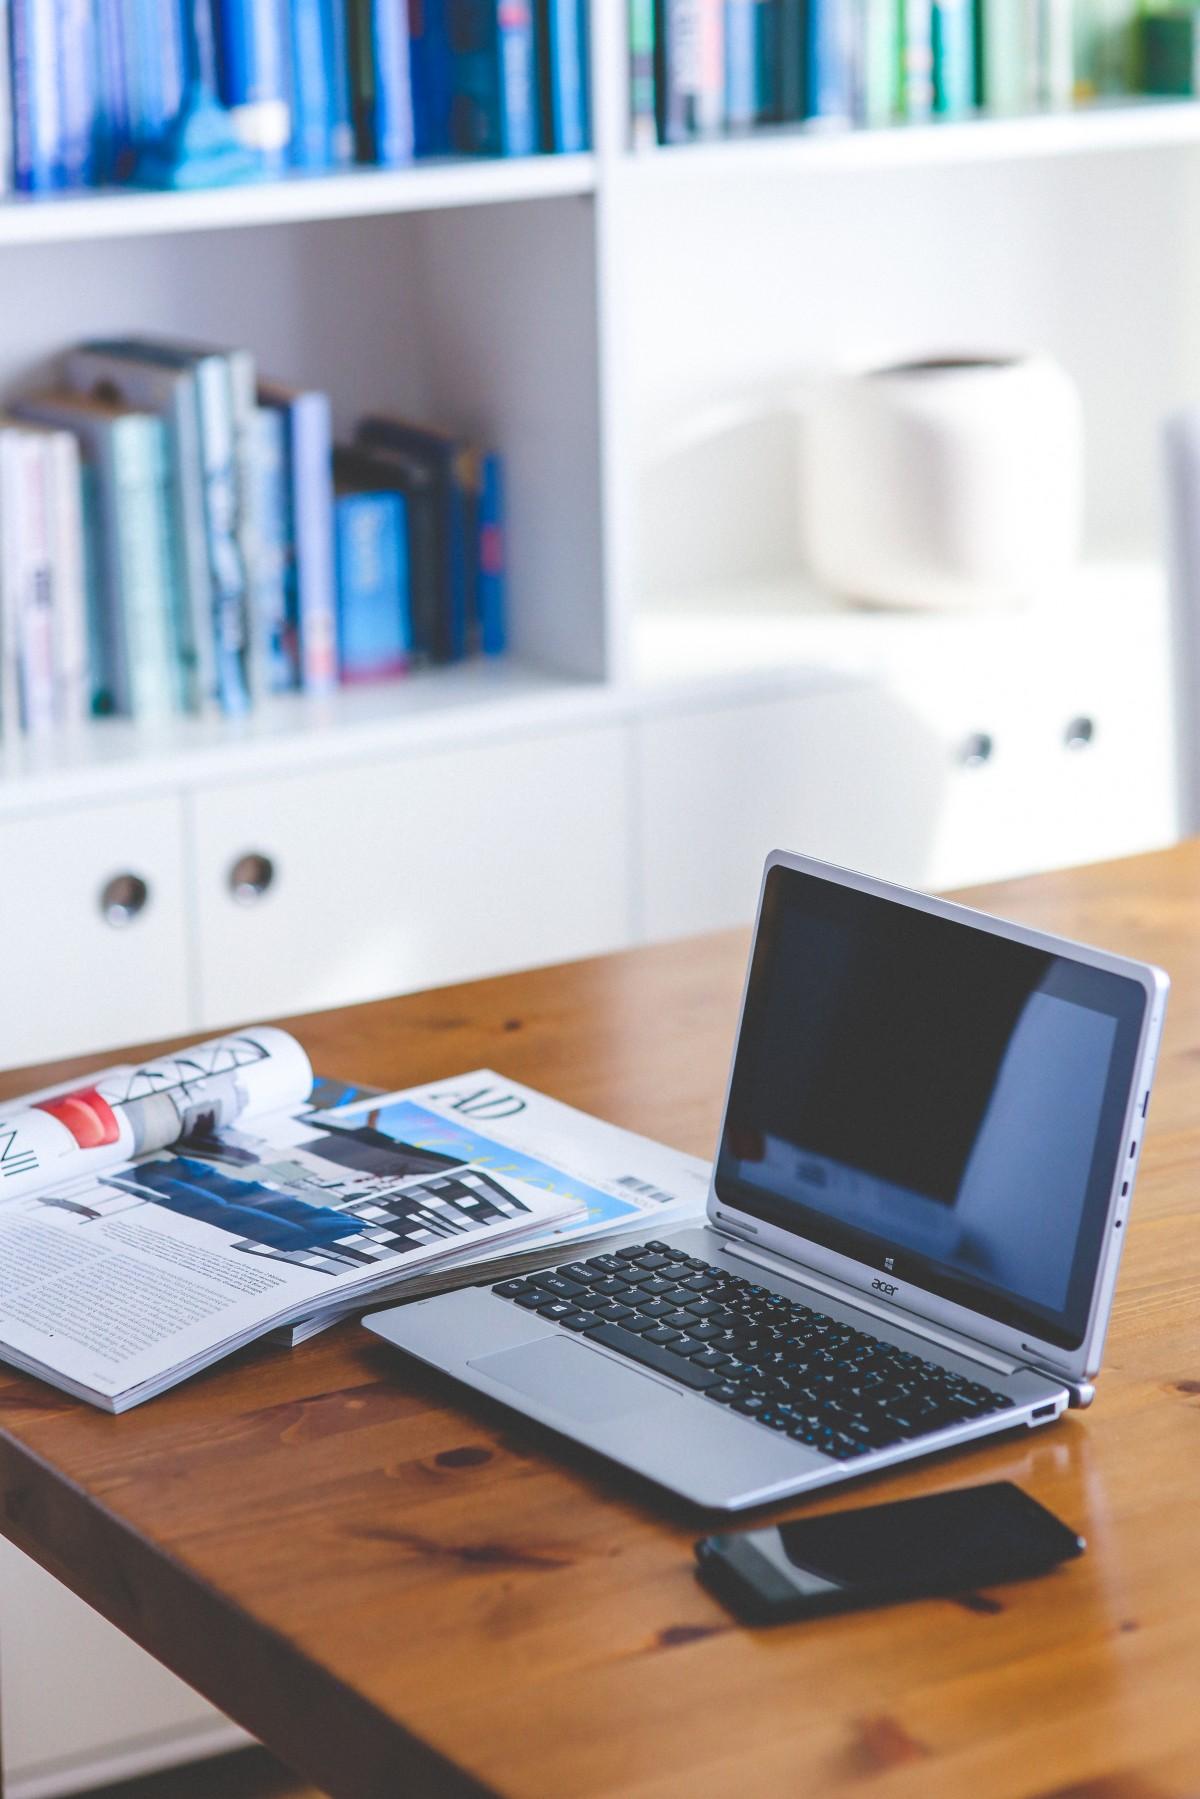 free images laptop desk computer table wood wall shelf living room cactu furniture. Black Bedroom Furniture Sets. Home Design Ideas